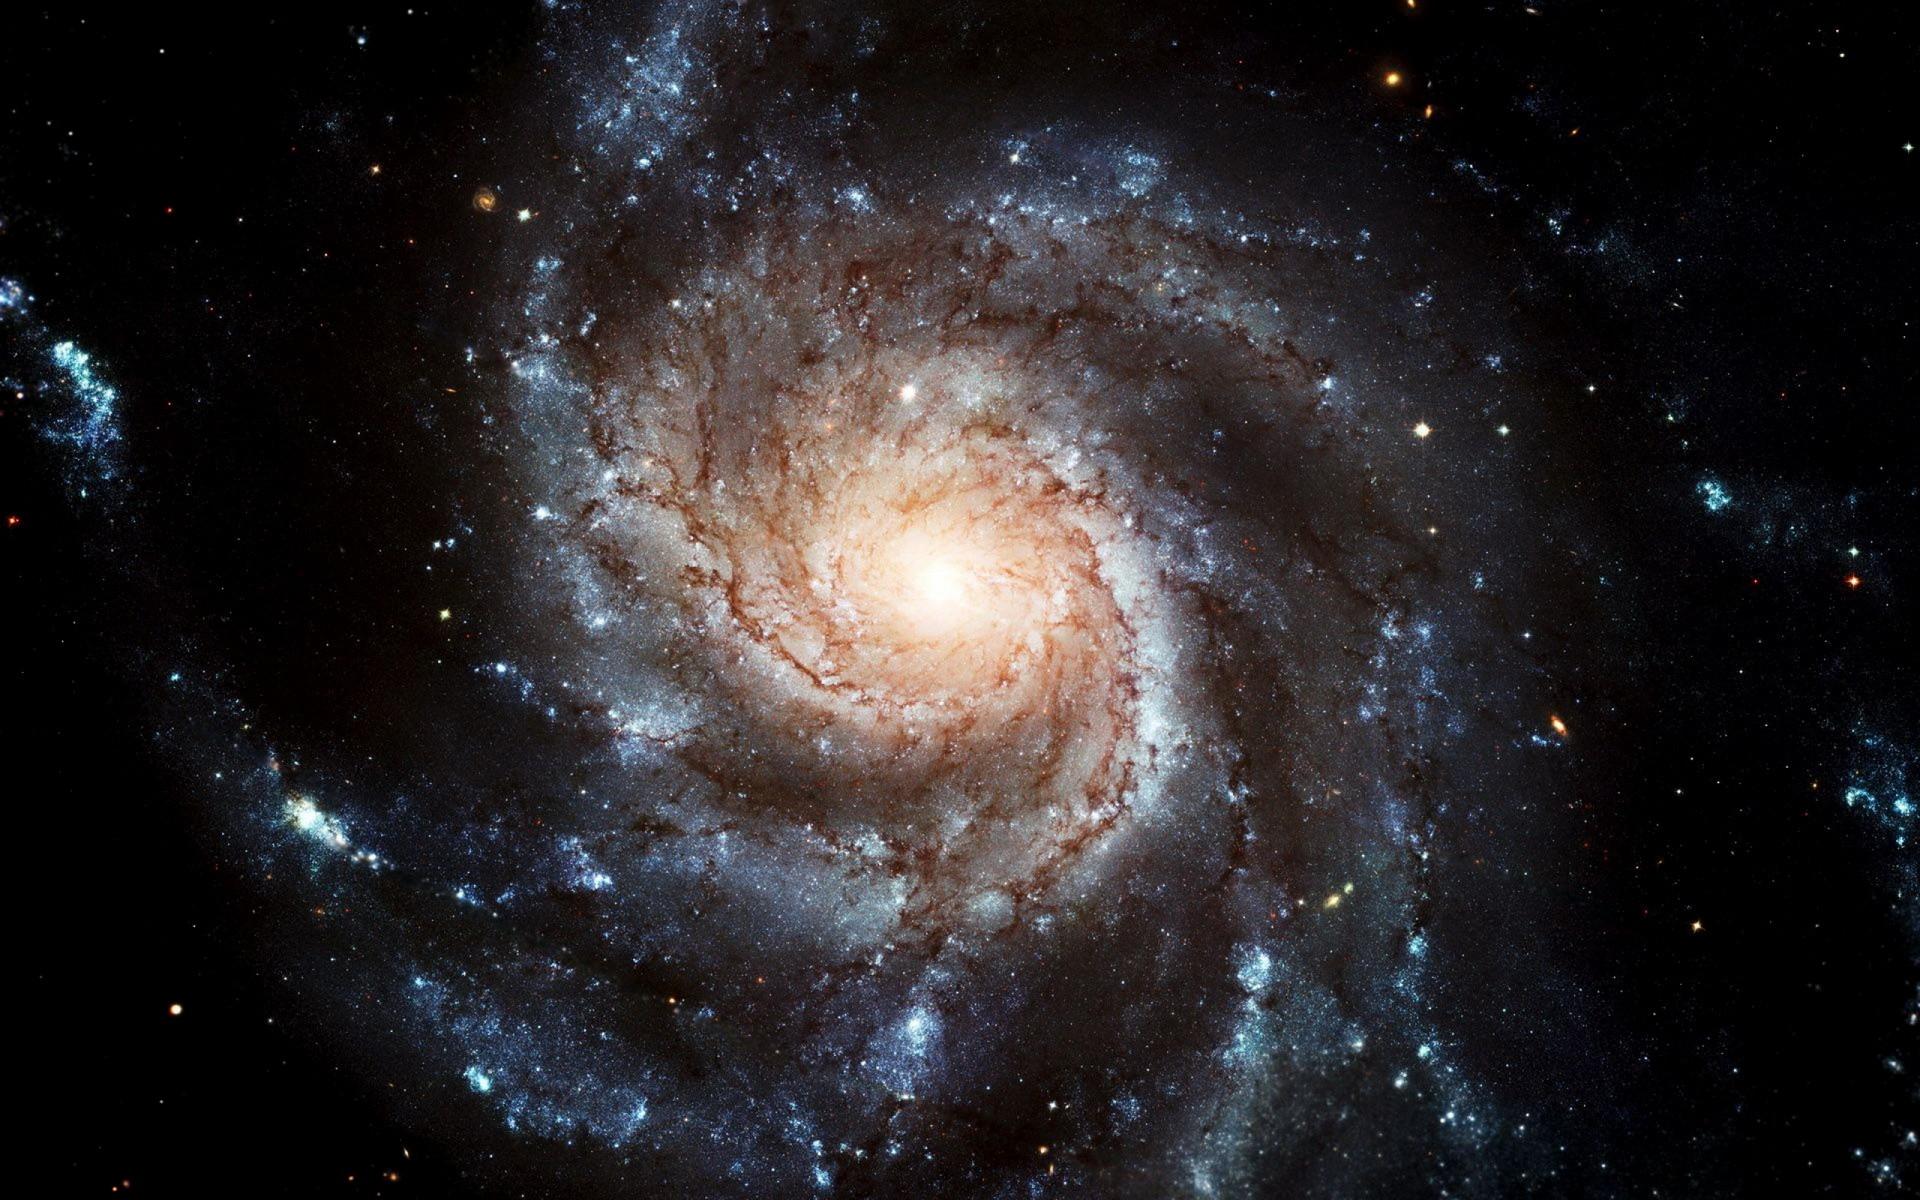 浩渺星系桌面壁纸